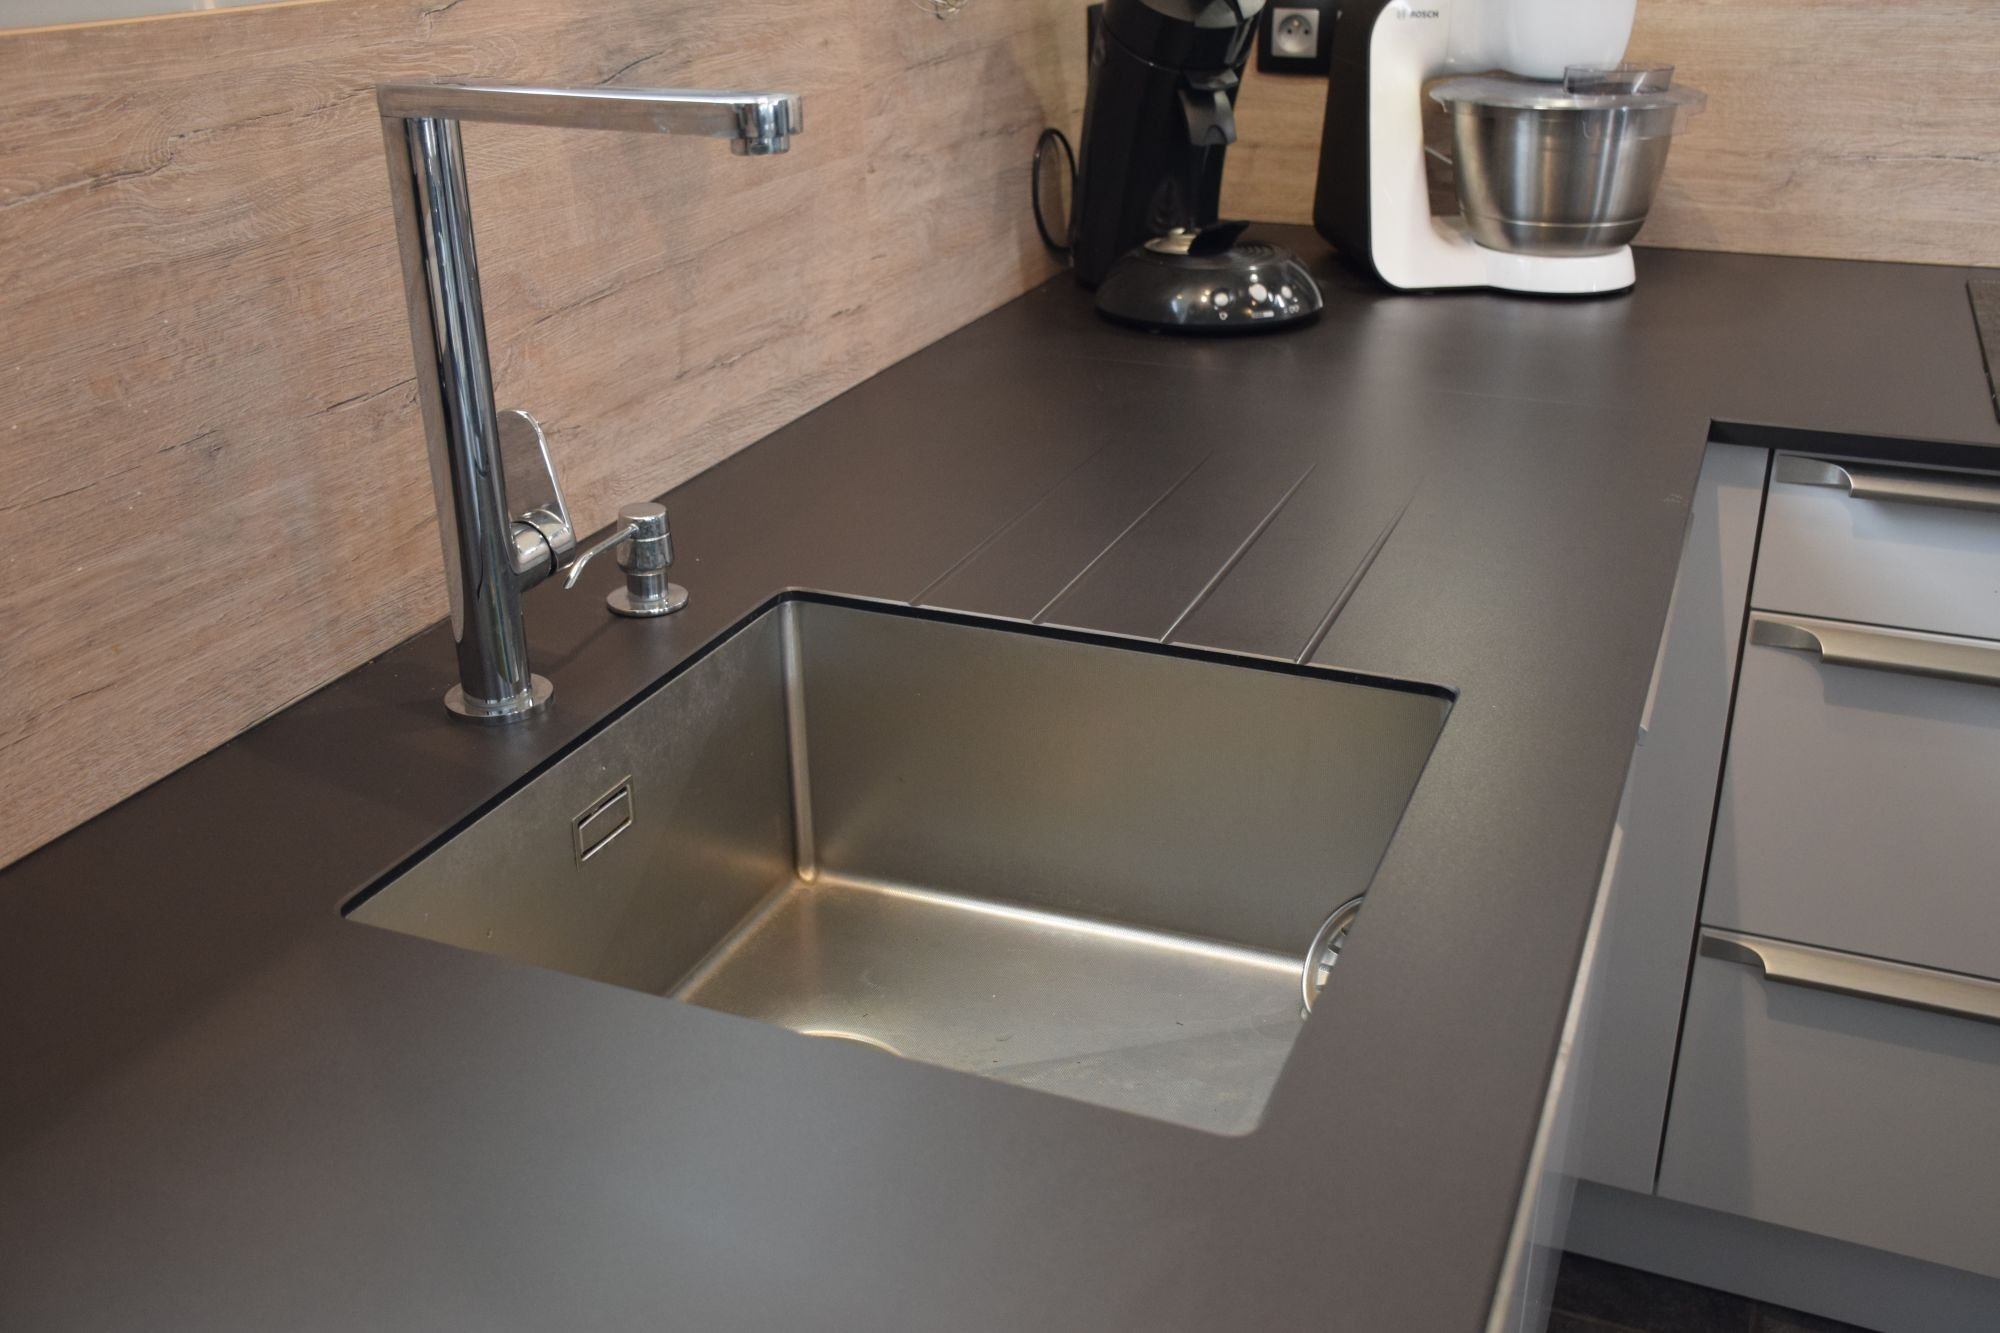 Plan De Travail Quartz Resistance Chaleur plans de travail - ml design cuisines et création d'espaces